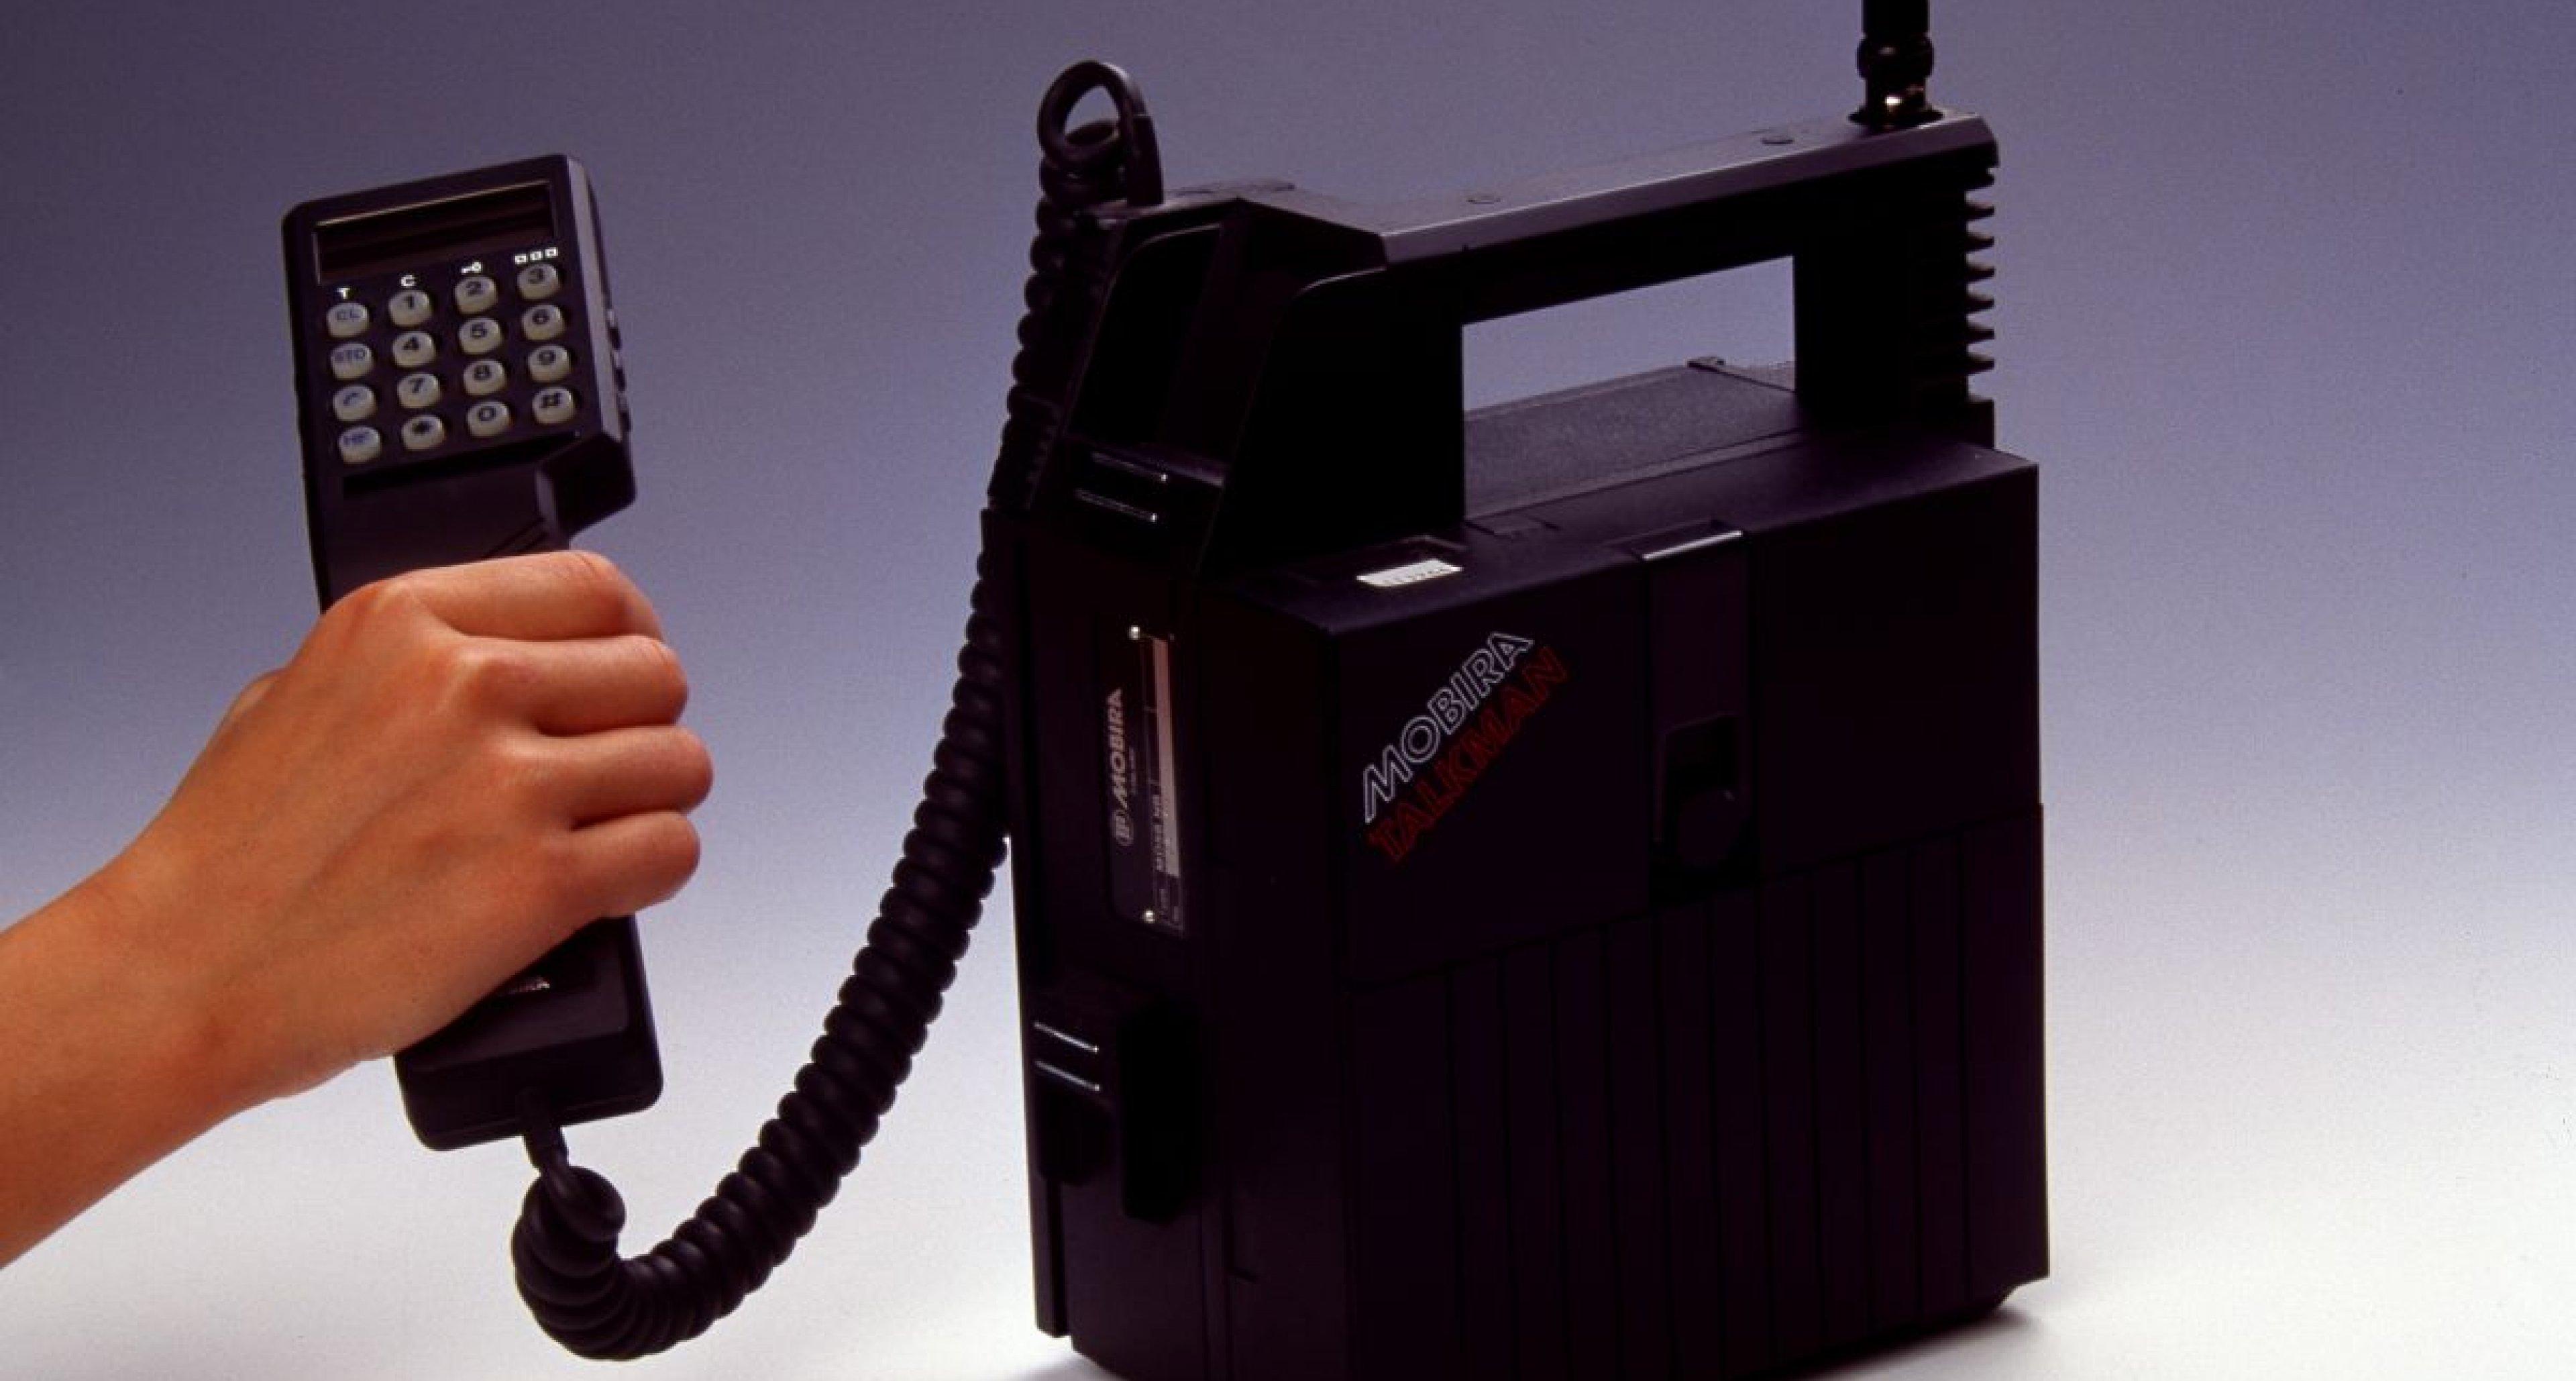 Mobiltelefon im handlichen Schrankformat der Nokia Mobira Talkman